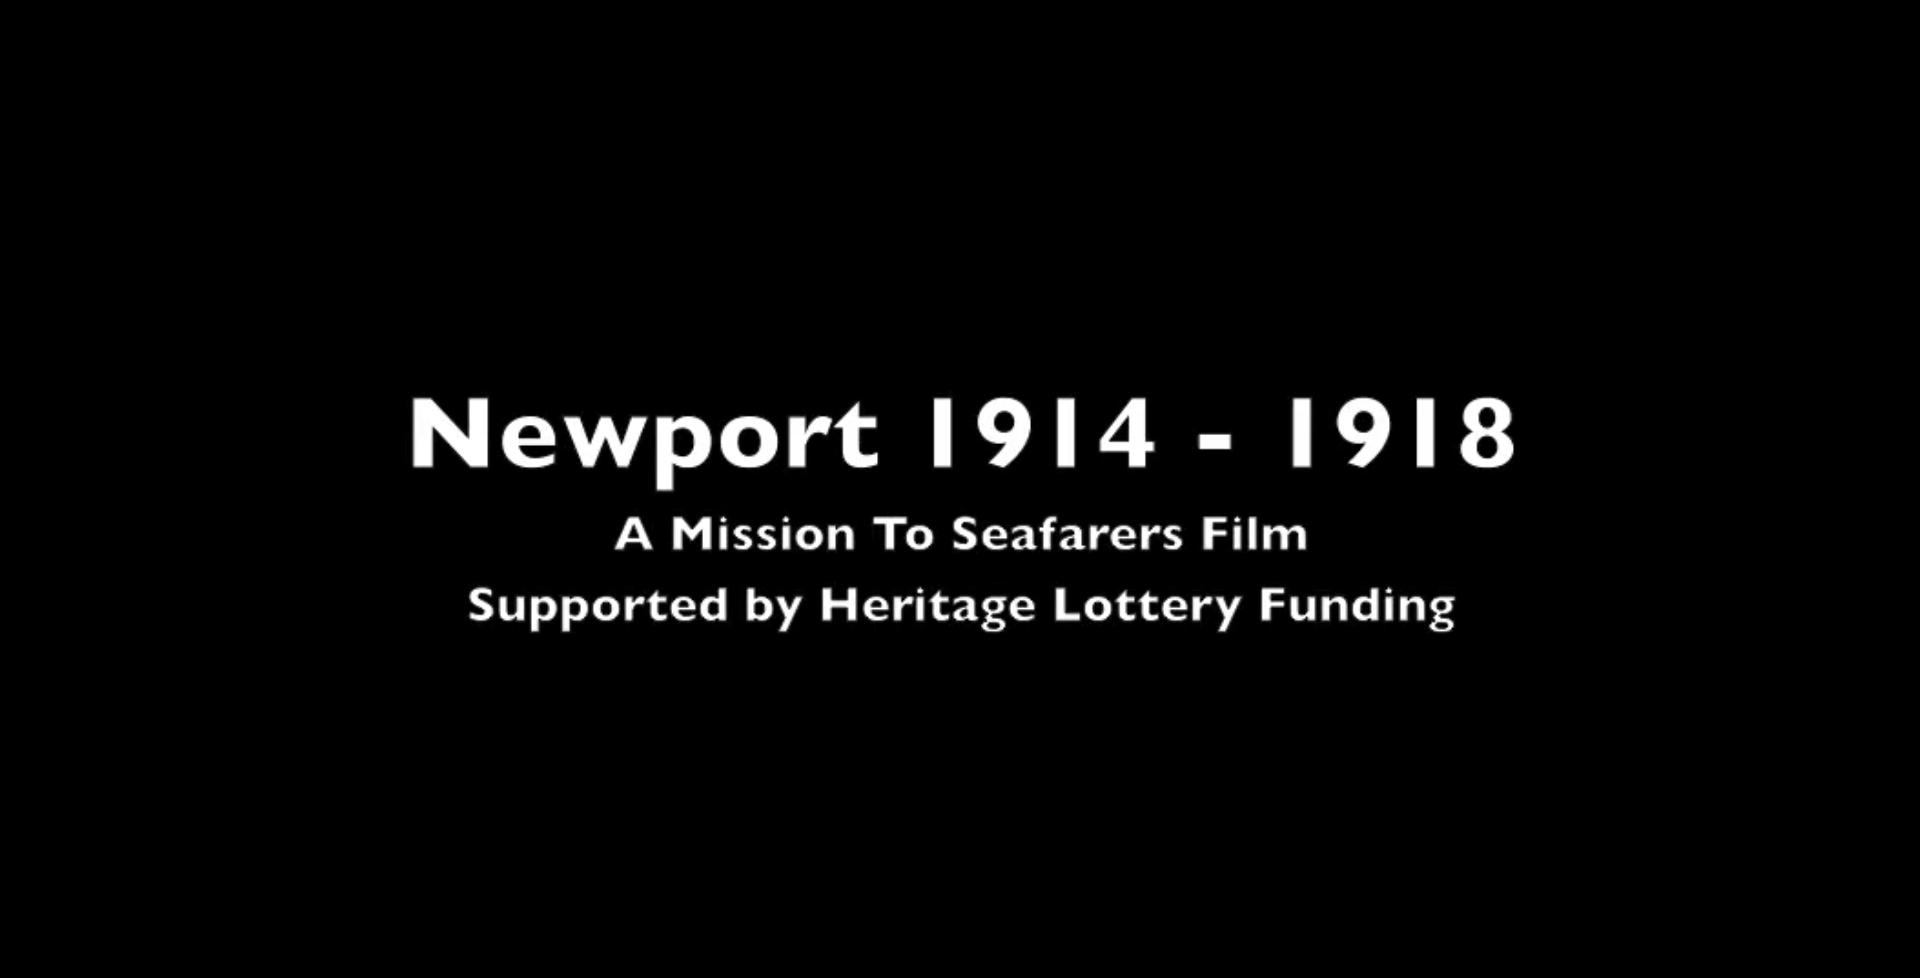 Newport 1914-1918